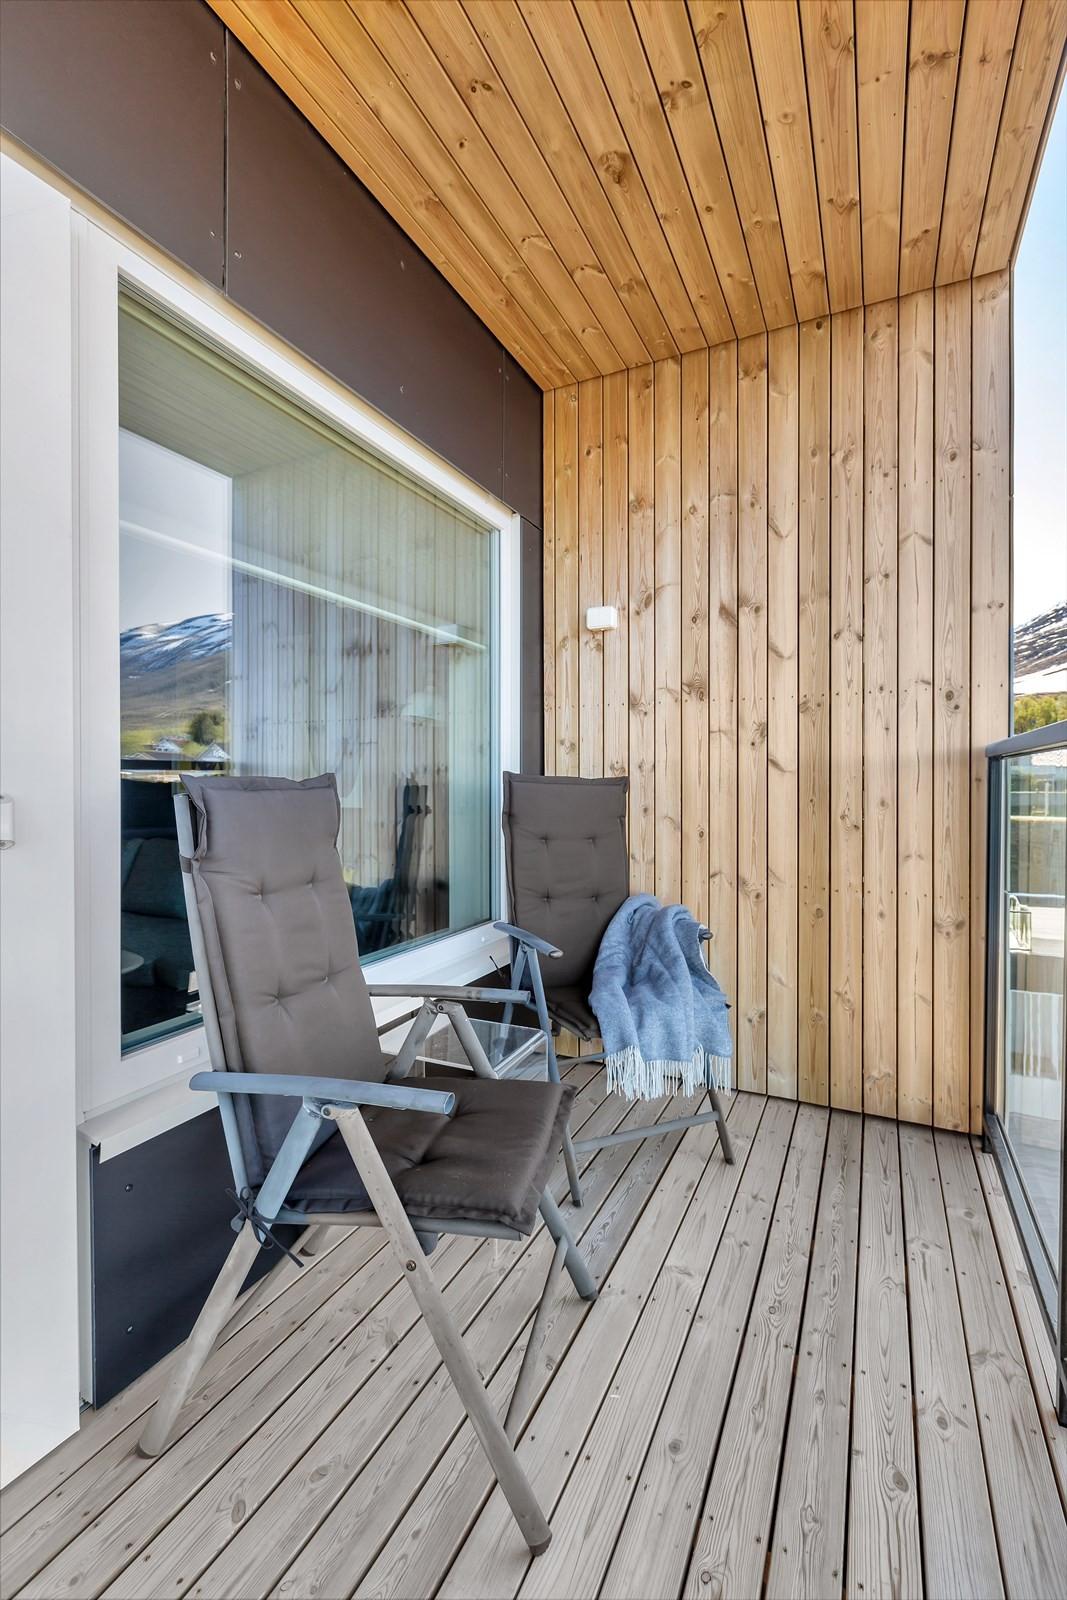 Herlig balkong med sidevegg. Her sitter man privat og kan nyte sol- og utsikt.